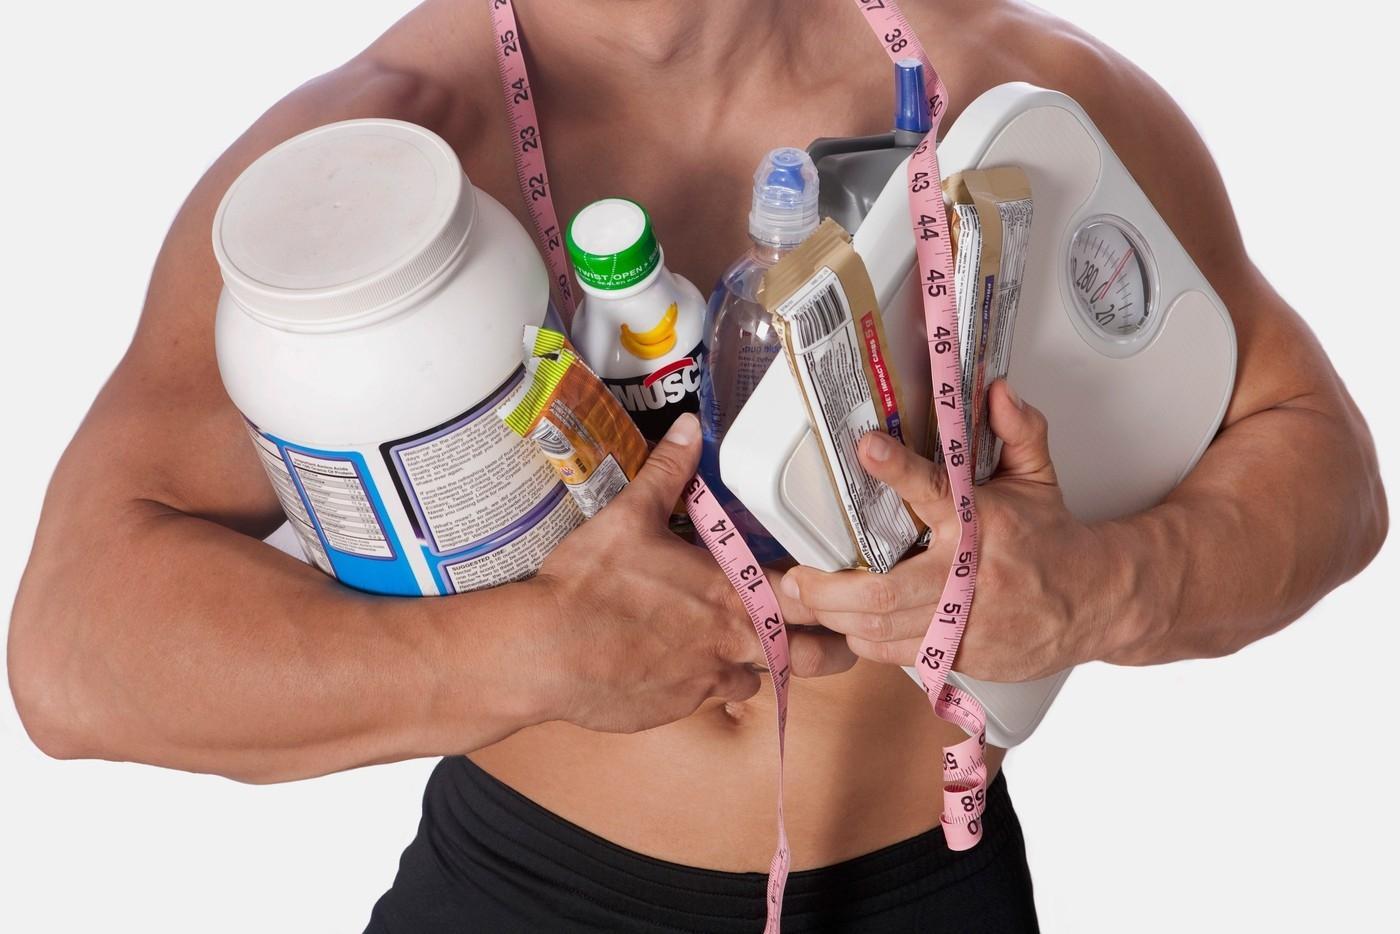 Вся правда о спортивном питании. когда начинать принимать спортивное питание, с чего начинать |